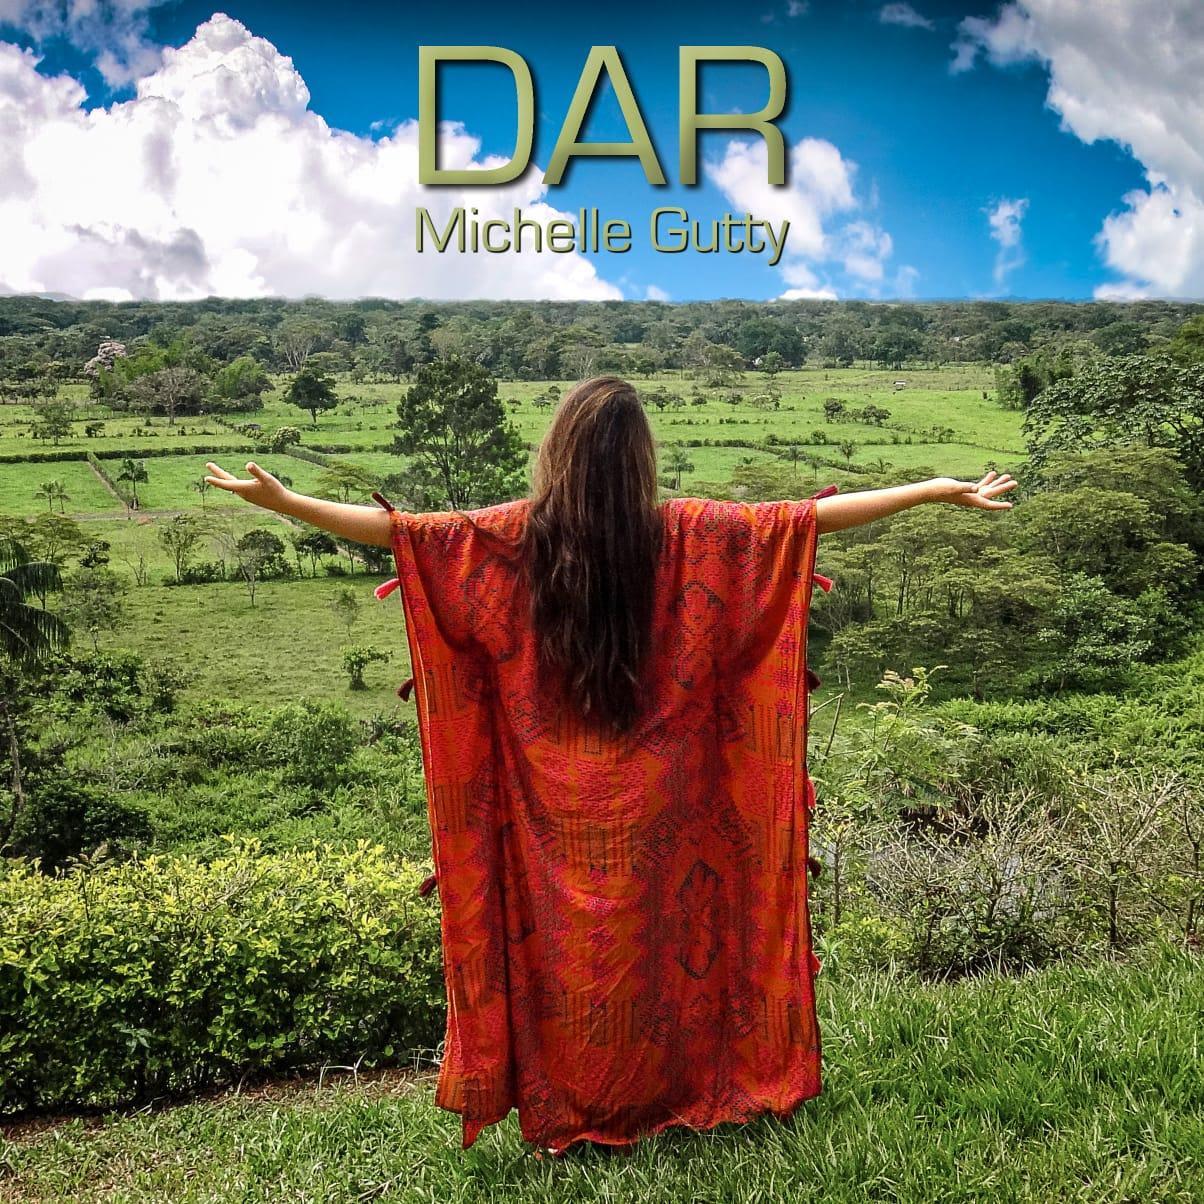 Dar de Michelle Gutty, una canción que nace en el corazón